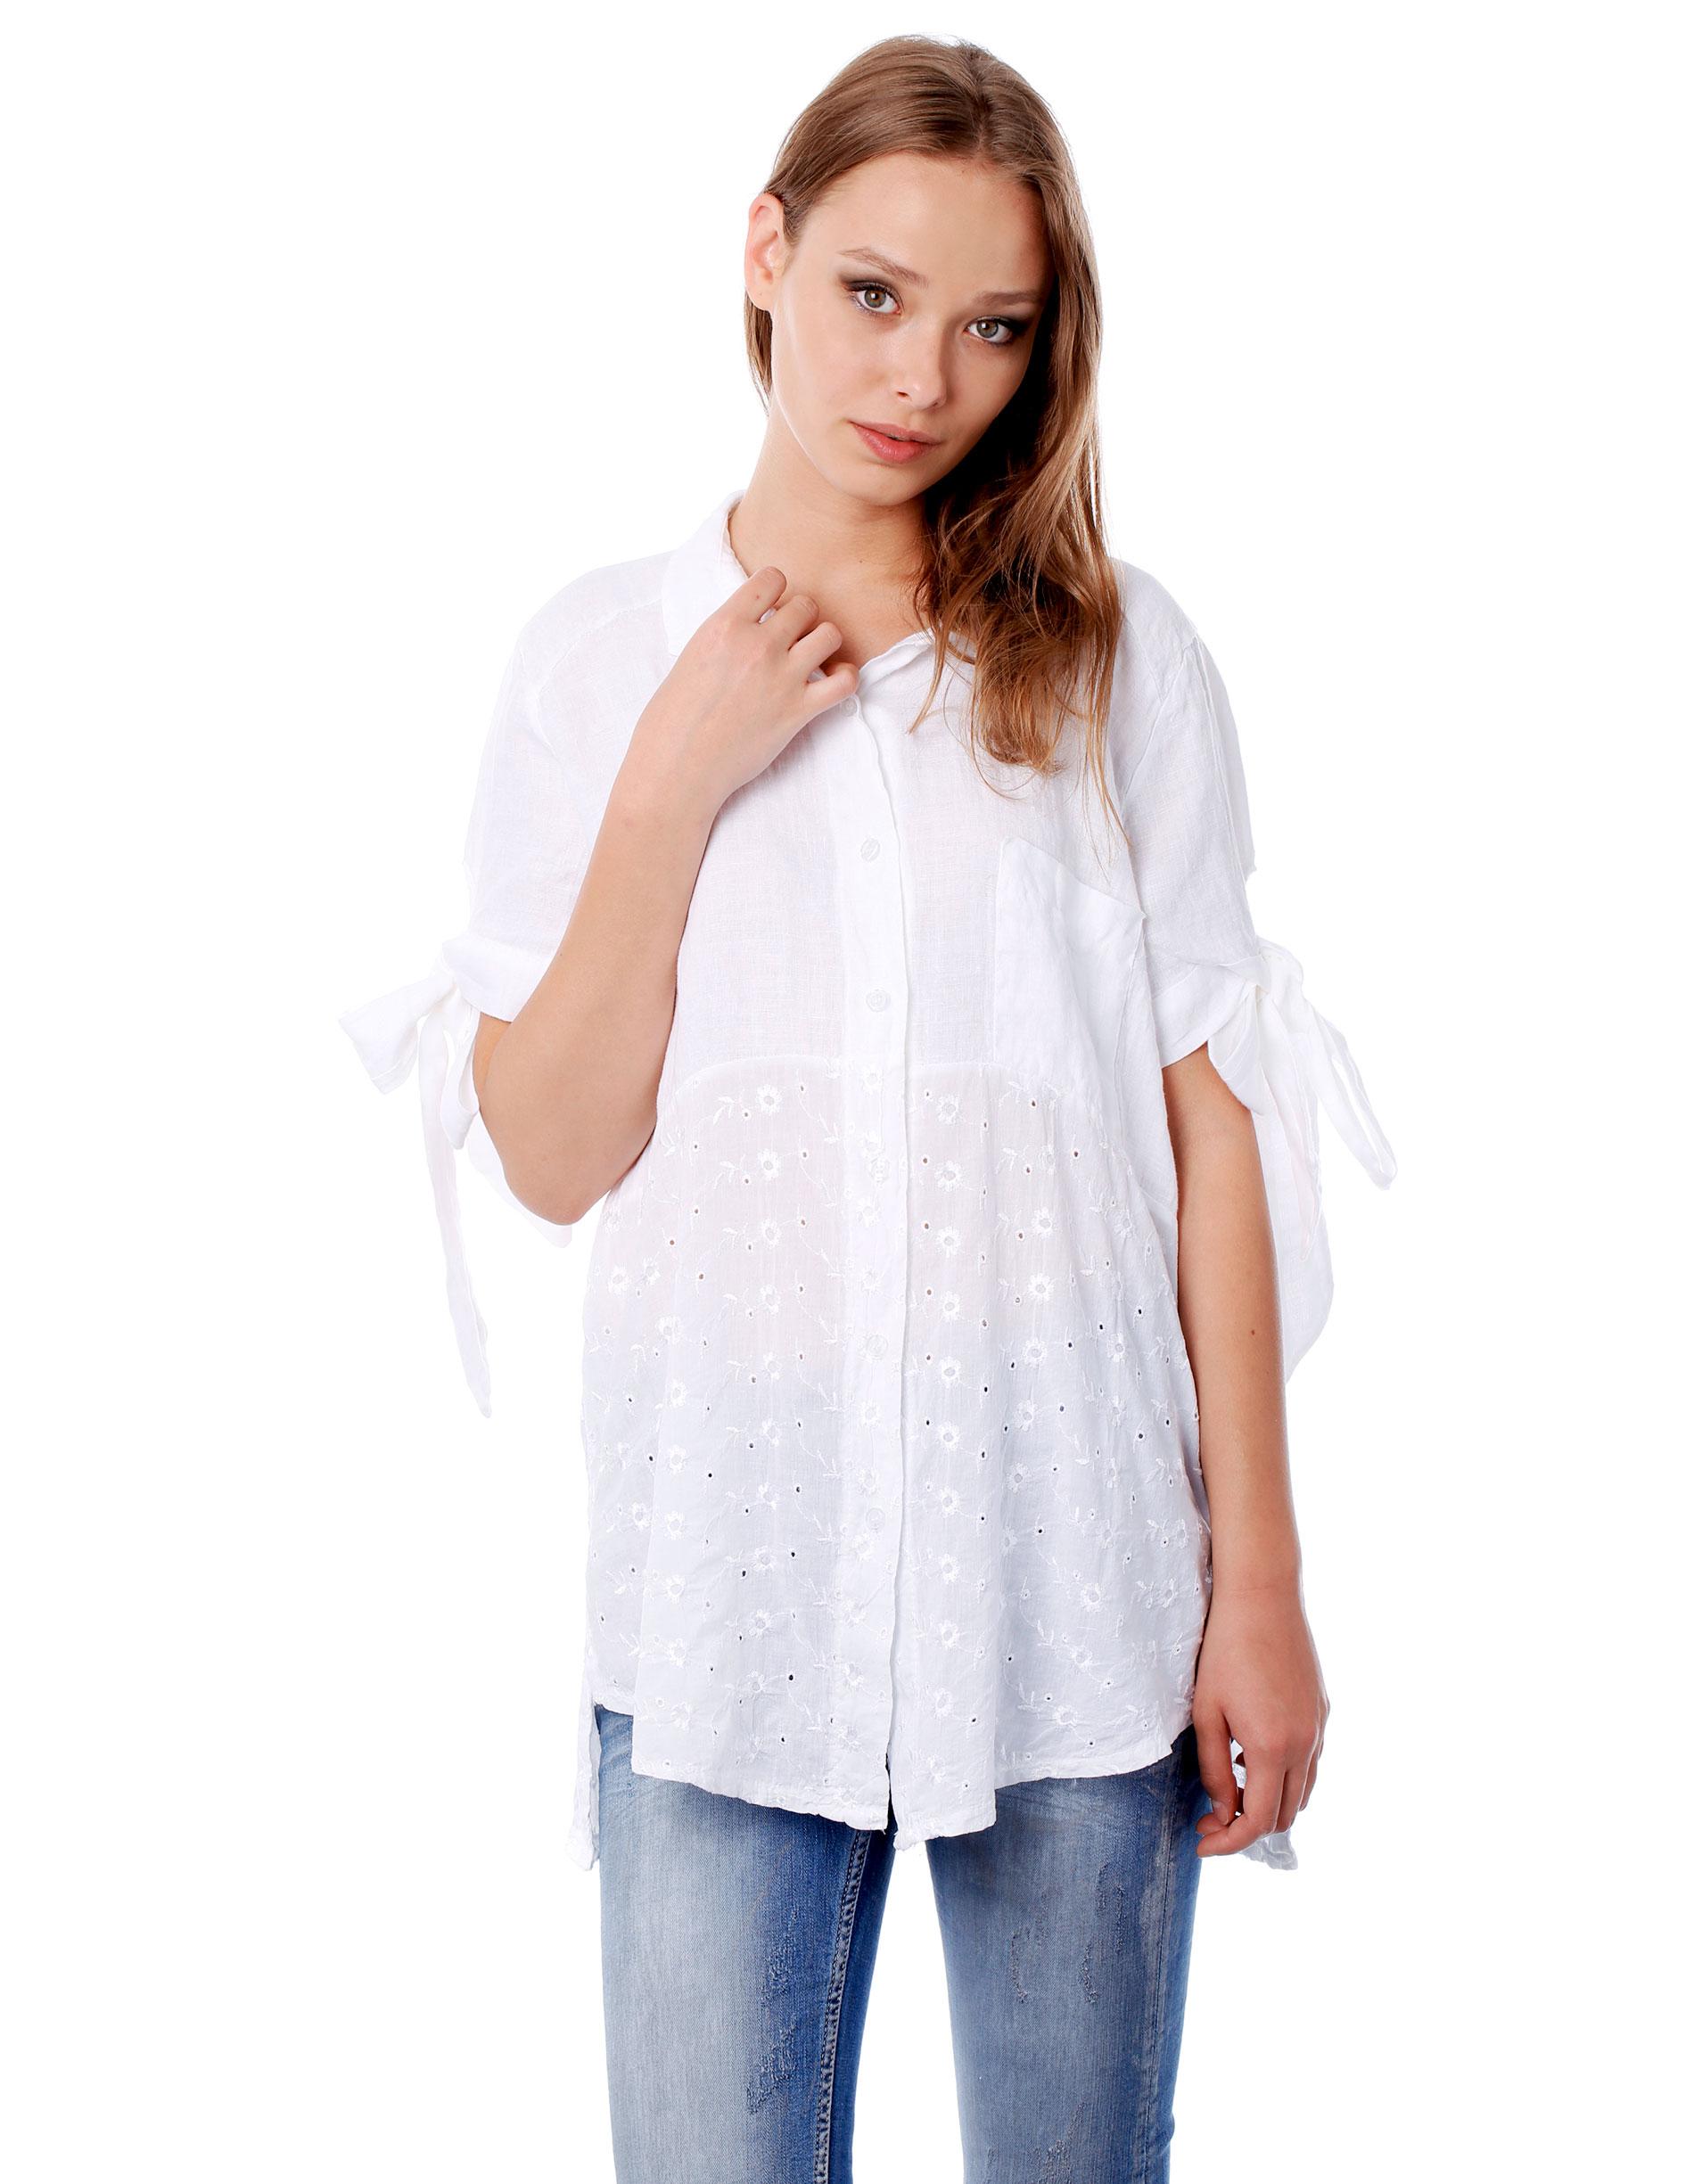 Koszula - 126-6785 BIAN - Unisono